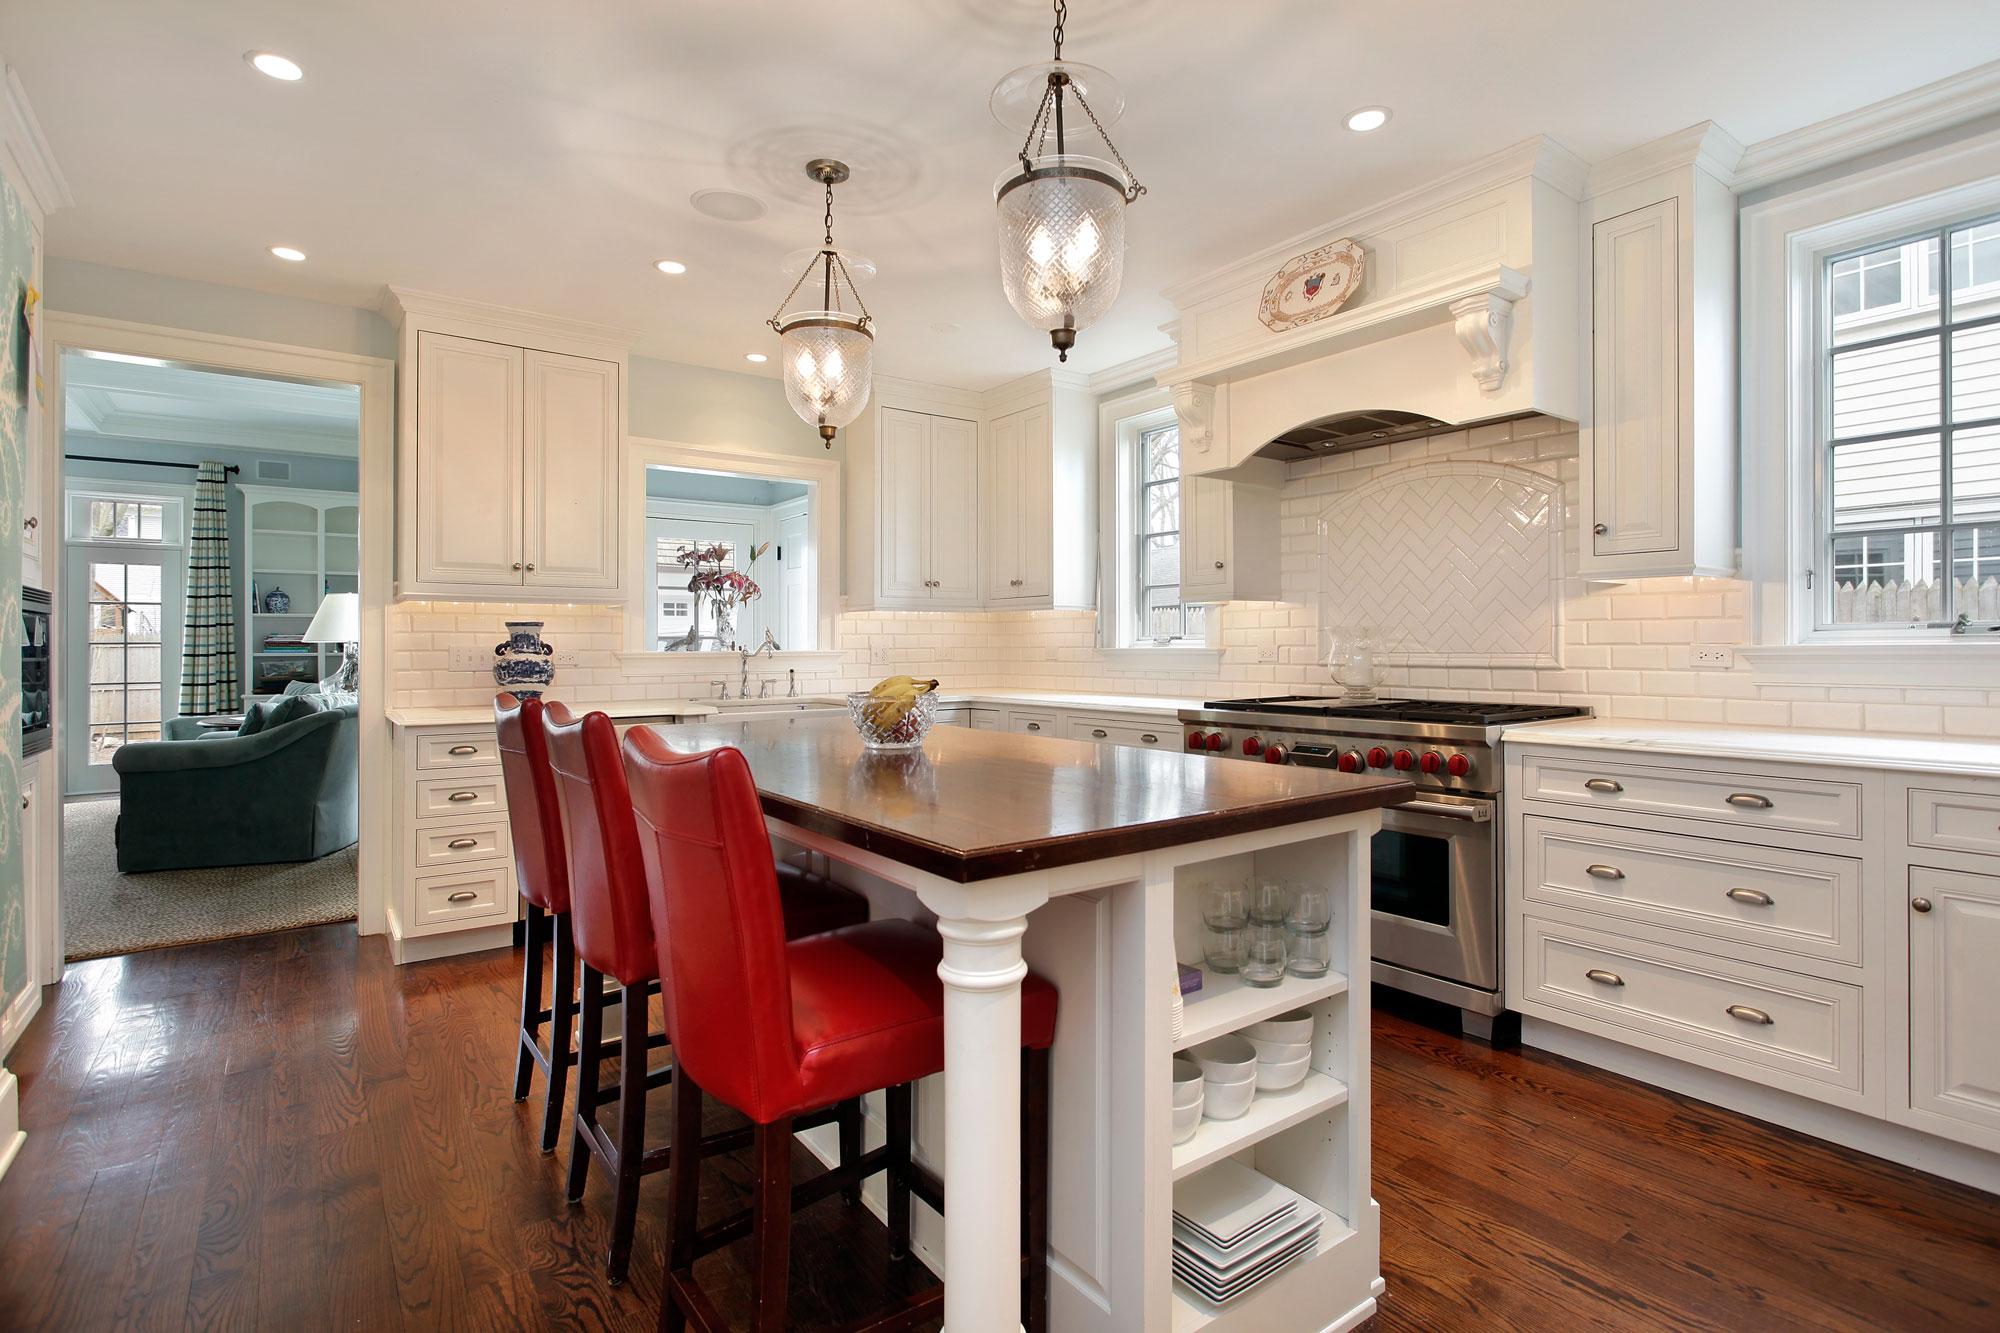 Красные стулья в бело-коричневой кухне